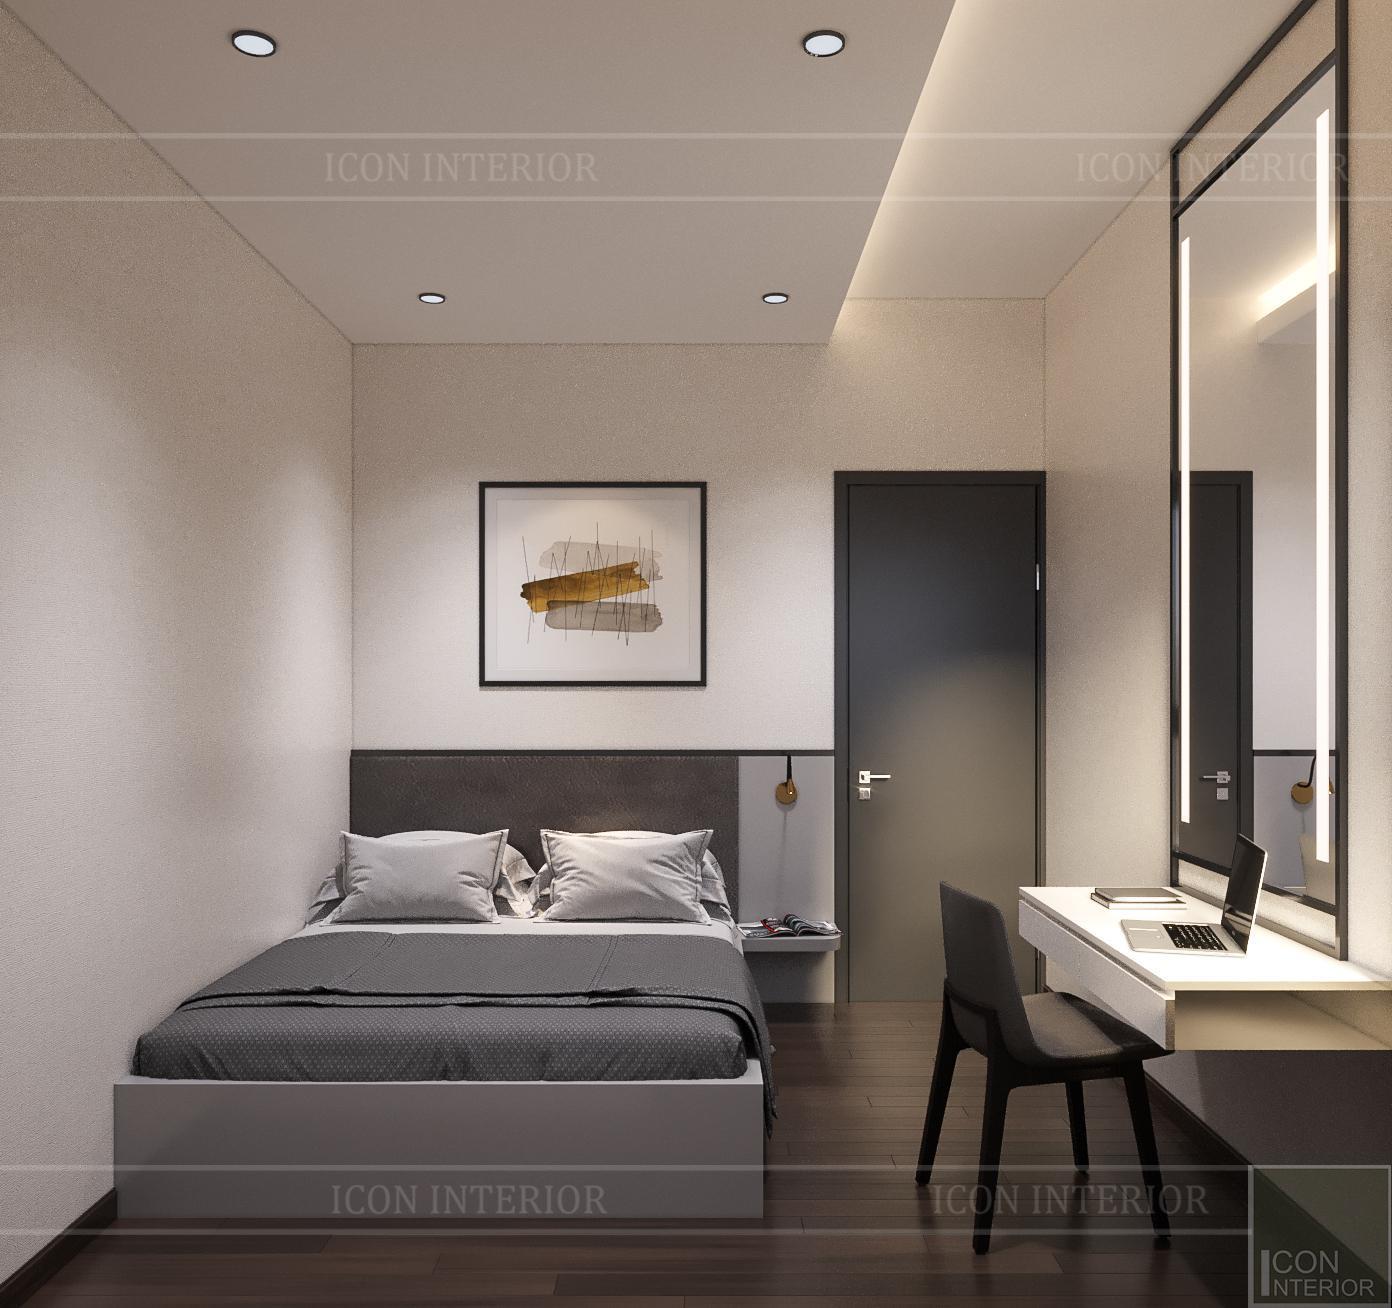 thiết kế nội thất căn hộ flemington - phòng ngủ nhỏ